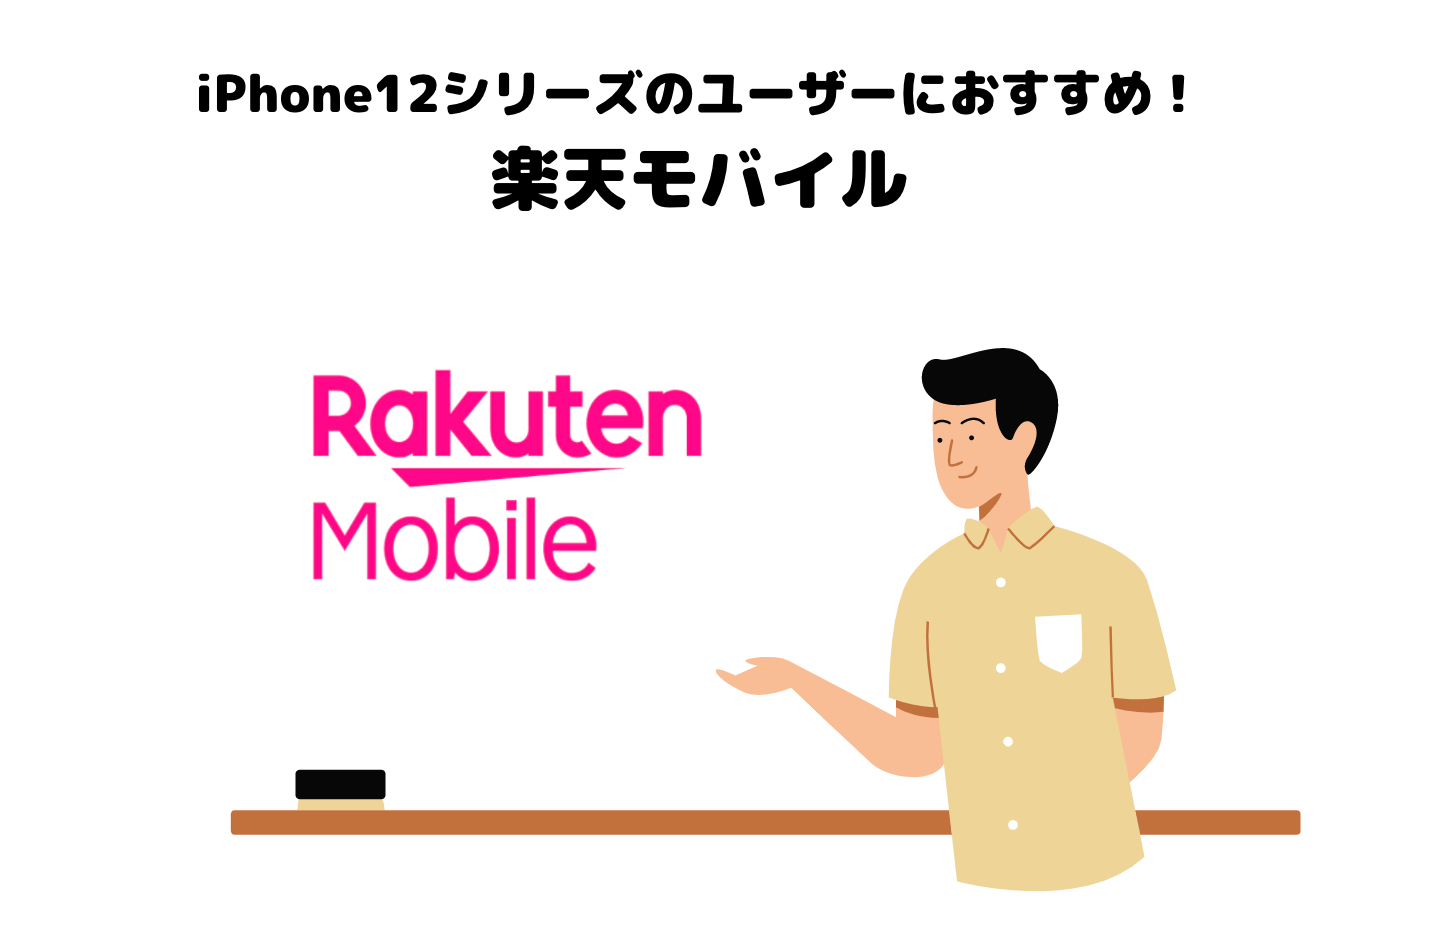 格安SIM_iphone12_iPhone12_楽天モバイル